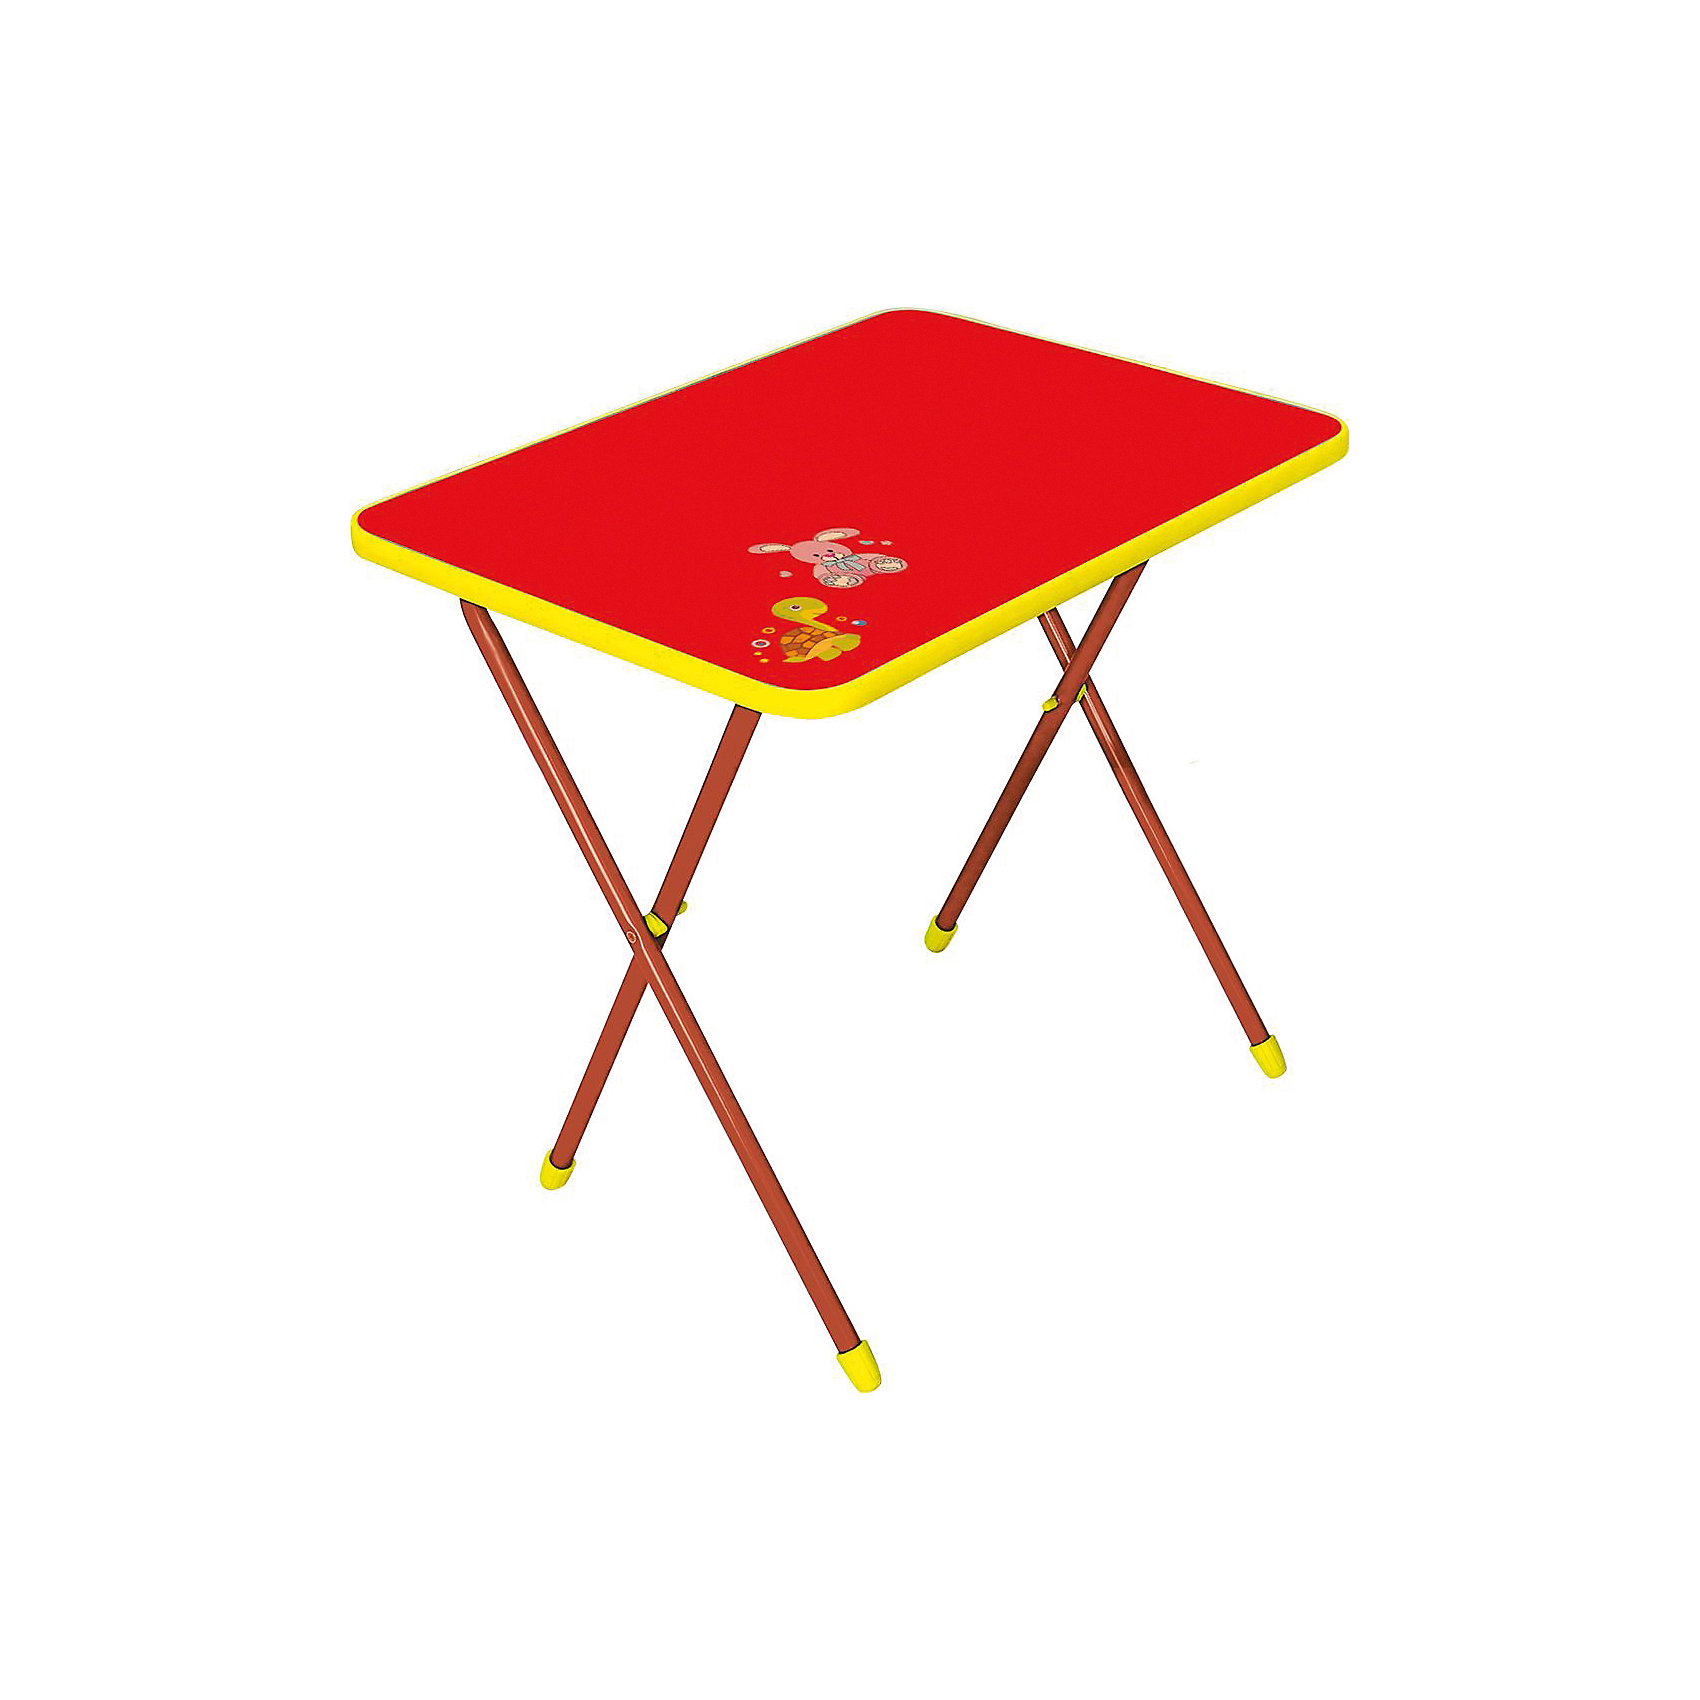 Складной стол СА1. Алина, Ника, красныйСтолы и стулья<br>Характеристики товара:<br><br>• цвет: красный<br>• материал: металл, пластик<br>• размер столешницы: 600х450 мм<br>• высота стола: 580 мм<br>• размер упаковки: 760х100х620 мм<br>• вес в упаковке: 5 кг<br>• складной<br>• на столешнице - рисунок<br>• возраст: от 3 до 7 лет<br>• страна бренда: Российская Федерация<br>• страна производства: Российская Федерация<br><br>Детская мебель может быть удобной и эргономичной! Этот столик разработан специально для детей от трех до семи лет. Он легко складывается и раскладывается, занимает немного места. Столешница украшена симпатичным рисунком, который понравится малышам. Отличное решение для игр, творчества и обучения!<br>Правильно подобранная мебель помогает ребенку расти здоровым, формироваться правильной осанке. Изделие производится из качественных сертифицированных материалов, безопасных даже для самых маленьких.<br><br>Складной стол Алина (ЛДСП), Ника, красный от бренда Ника можно купить в нашем интернет-магазине.<br><br>Ширина мм: 760<br>Глубина мм: 100<br>Высота мм: 620<br>Вес г: 5100<br>Возраст от месяцев: 36<br>Возраст до месяцев: 84<br>Пол: Унисекс<br>Возраст: Детский<br>SKU: 5223587